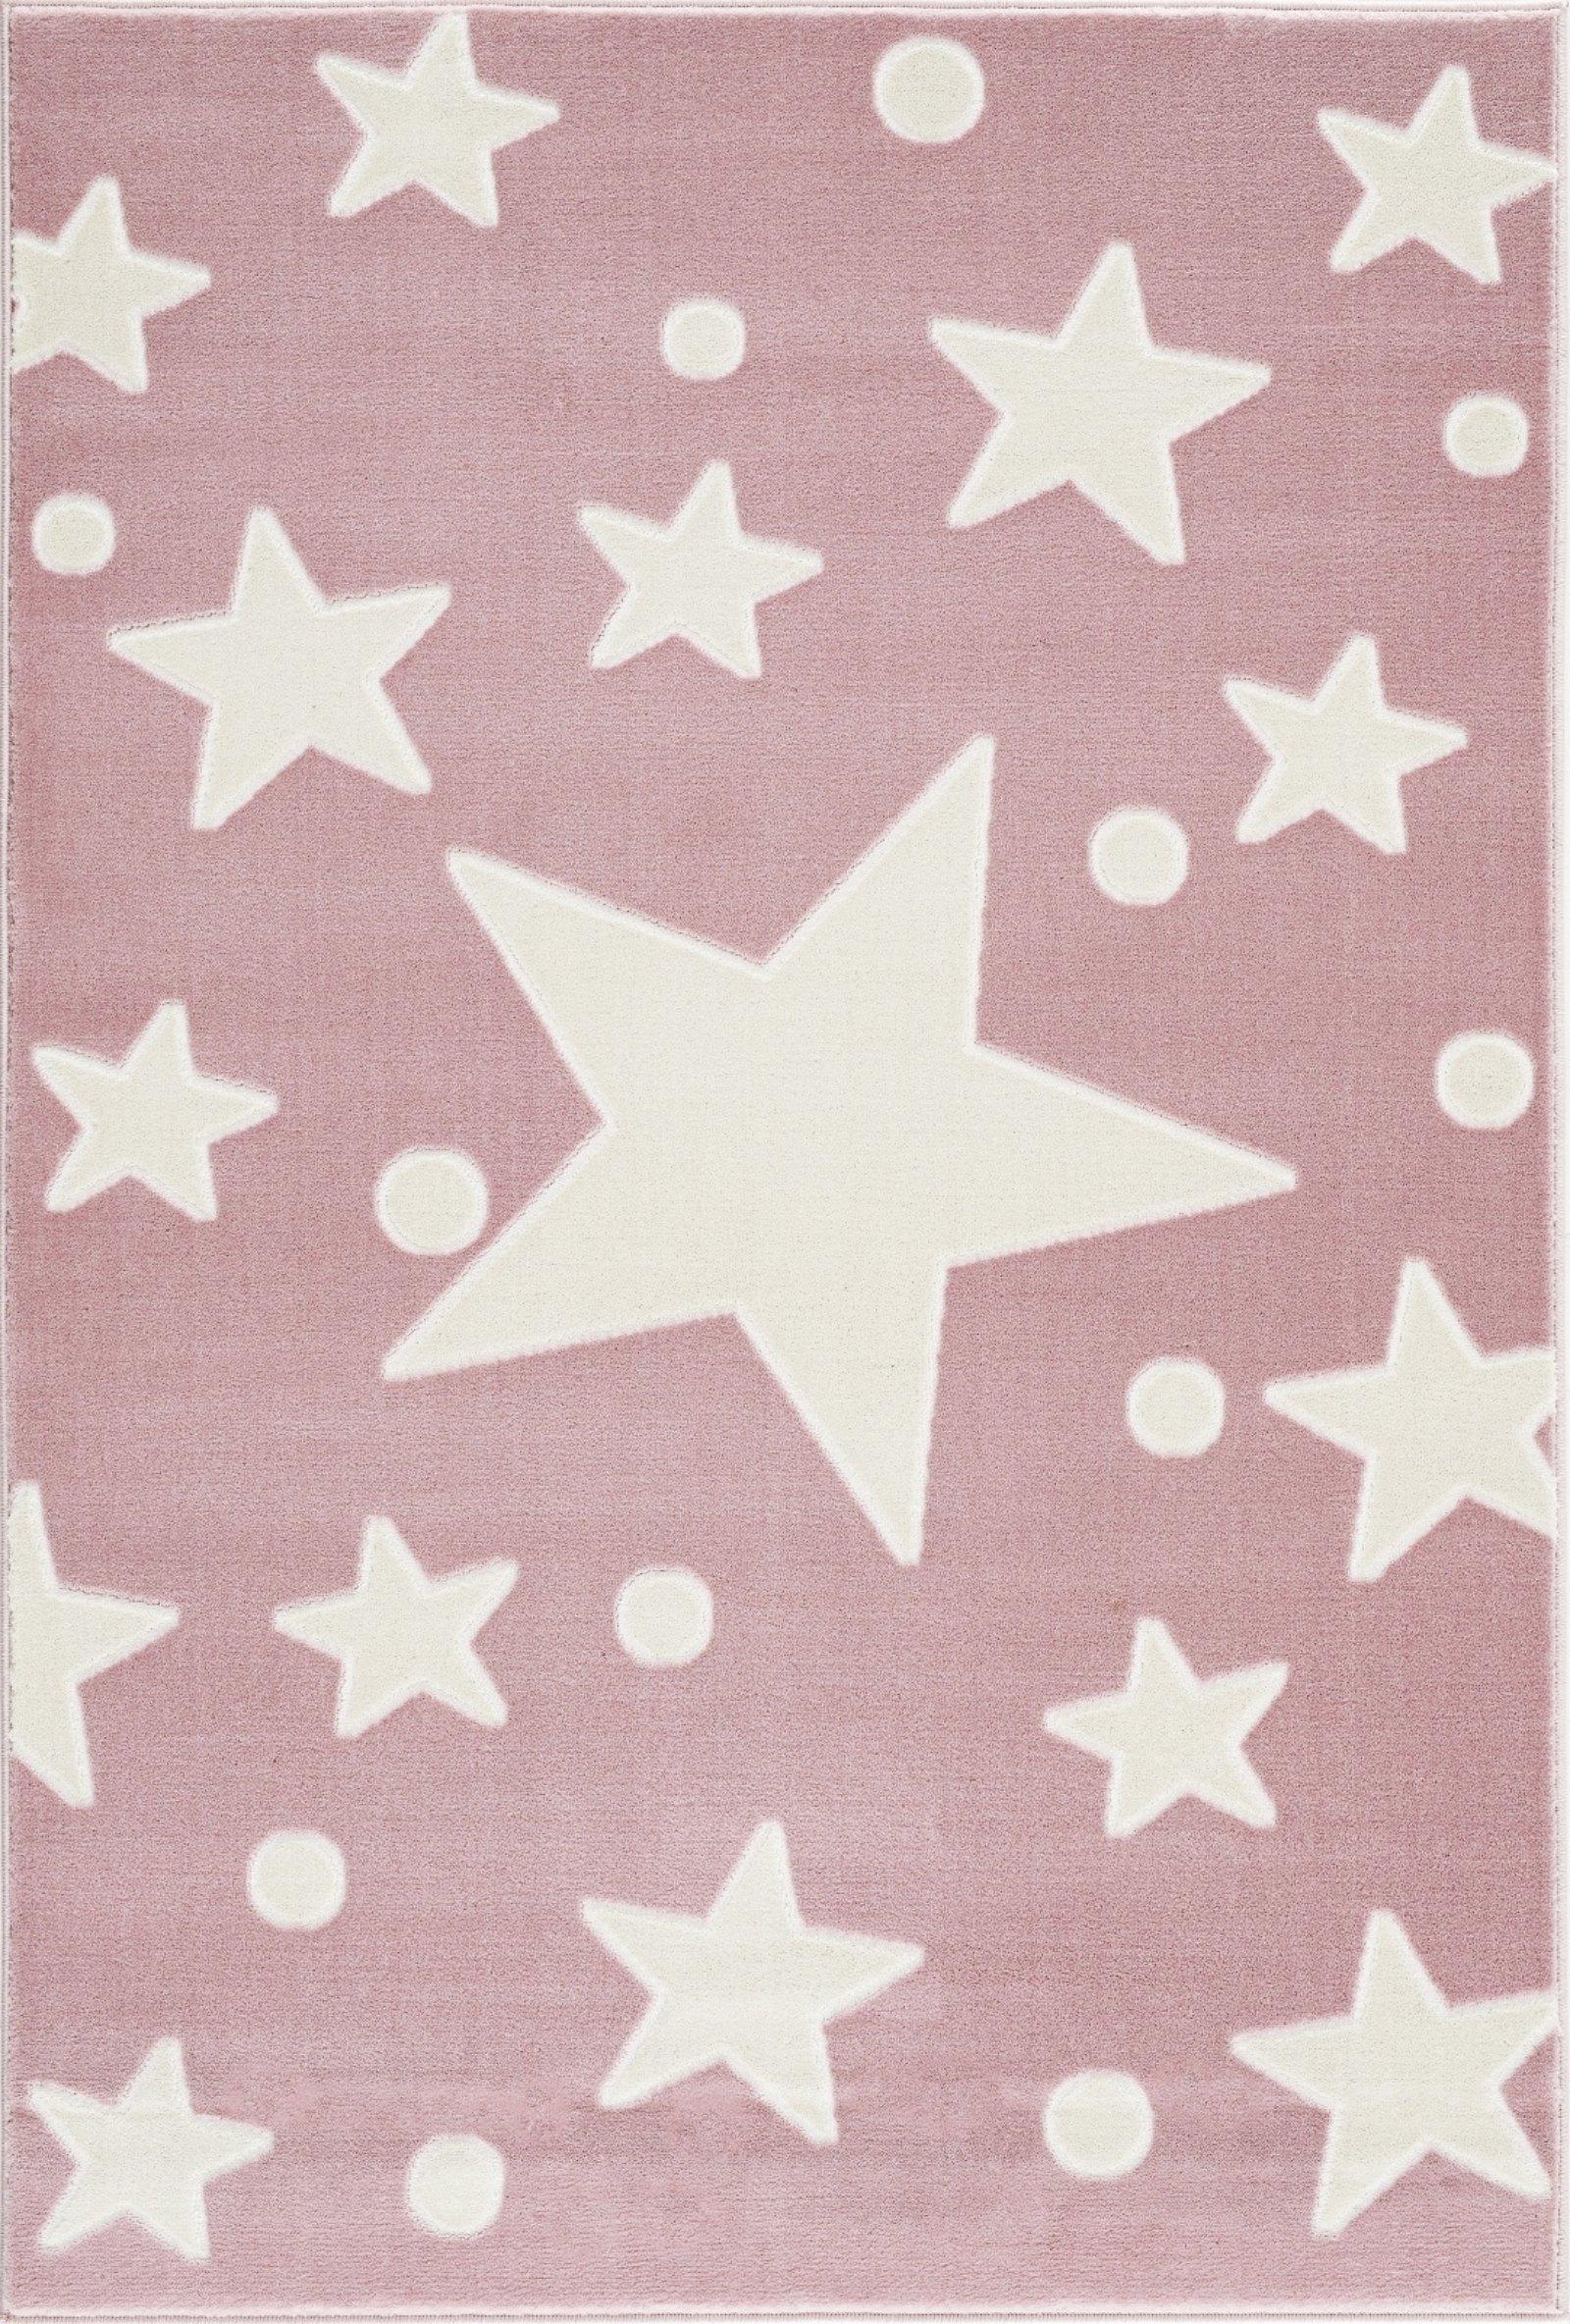 Dětský koberec hvězdy - růžová-bílá 120x180cm